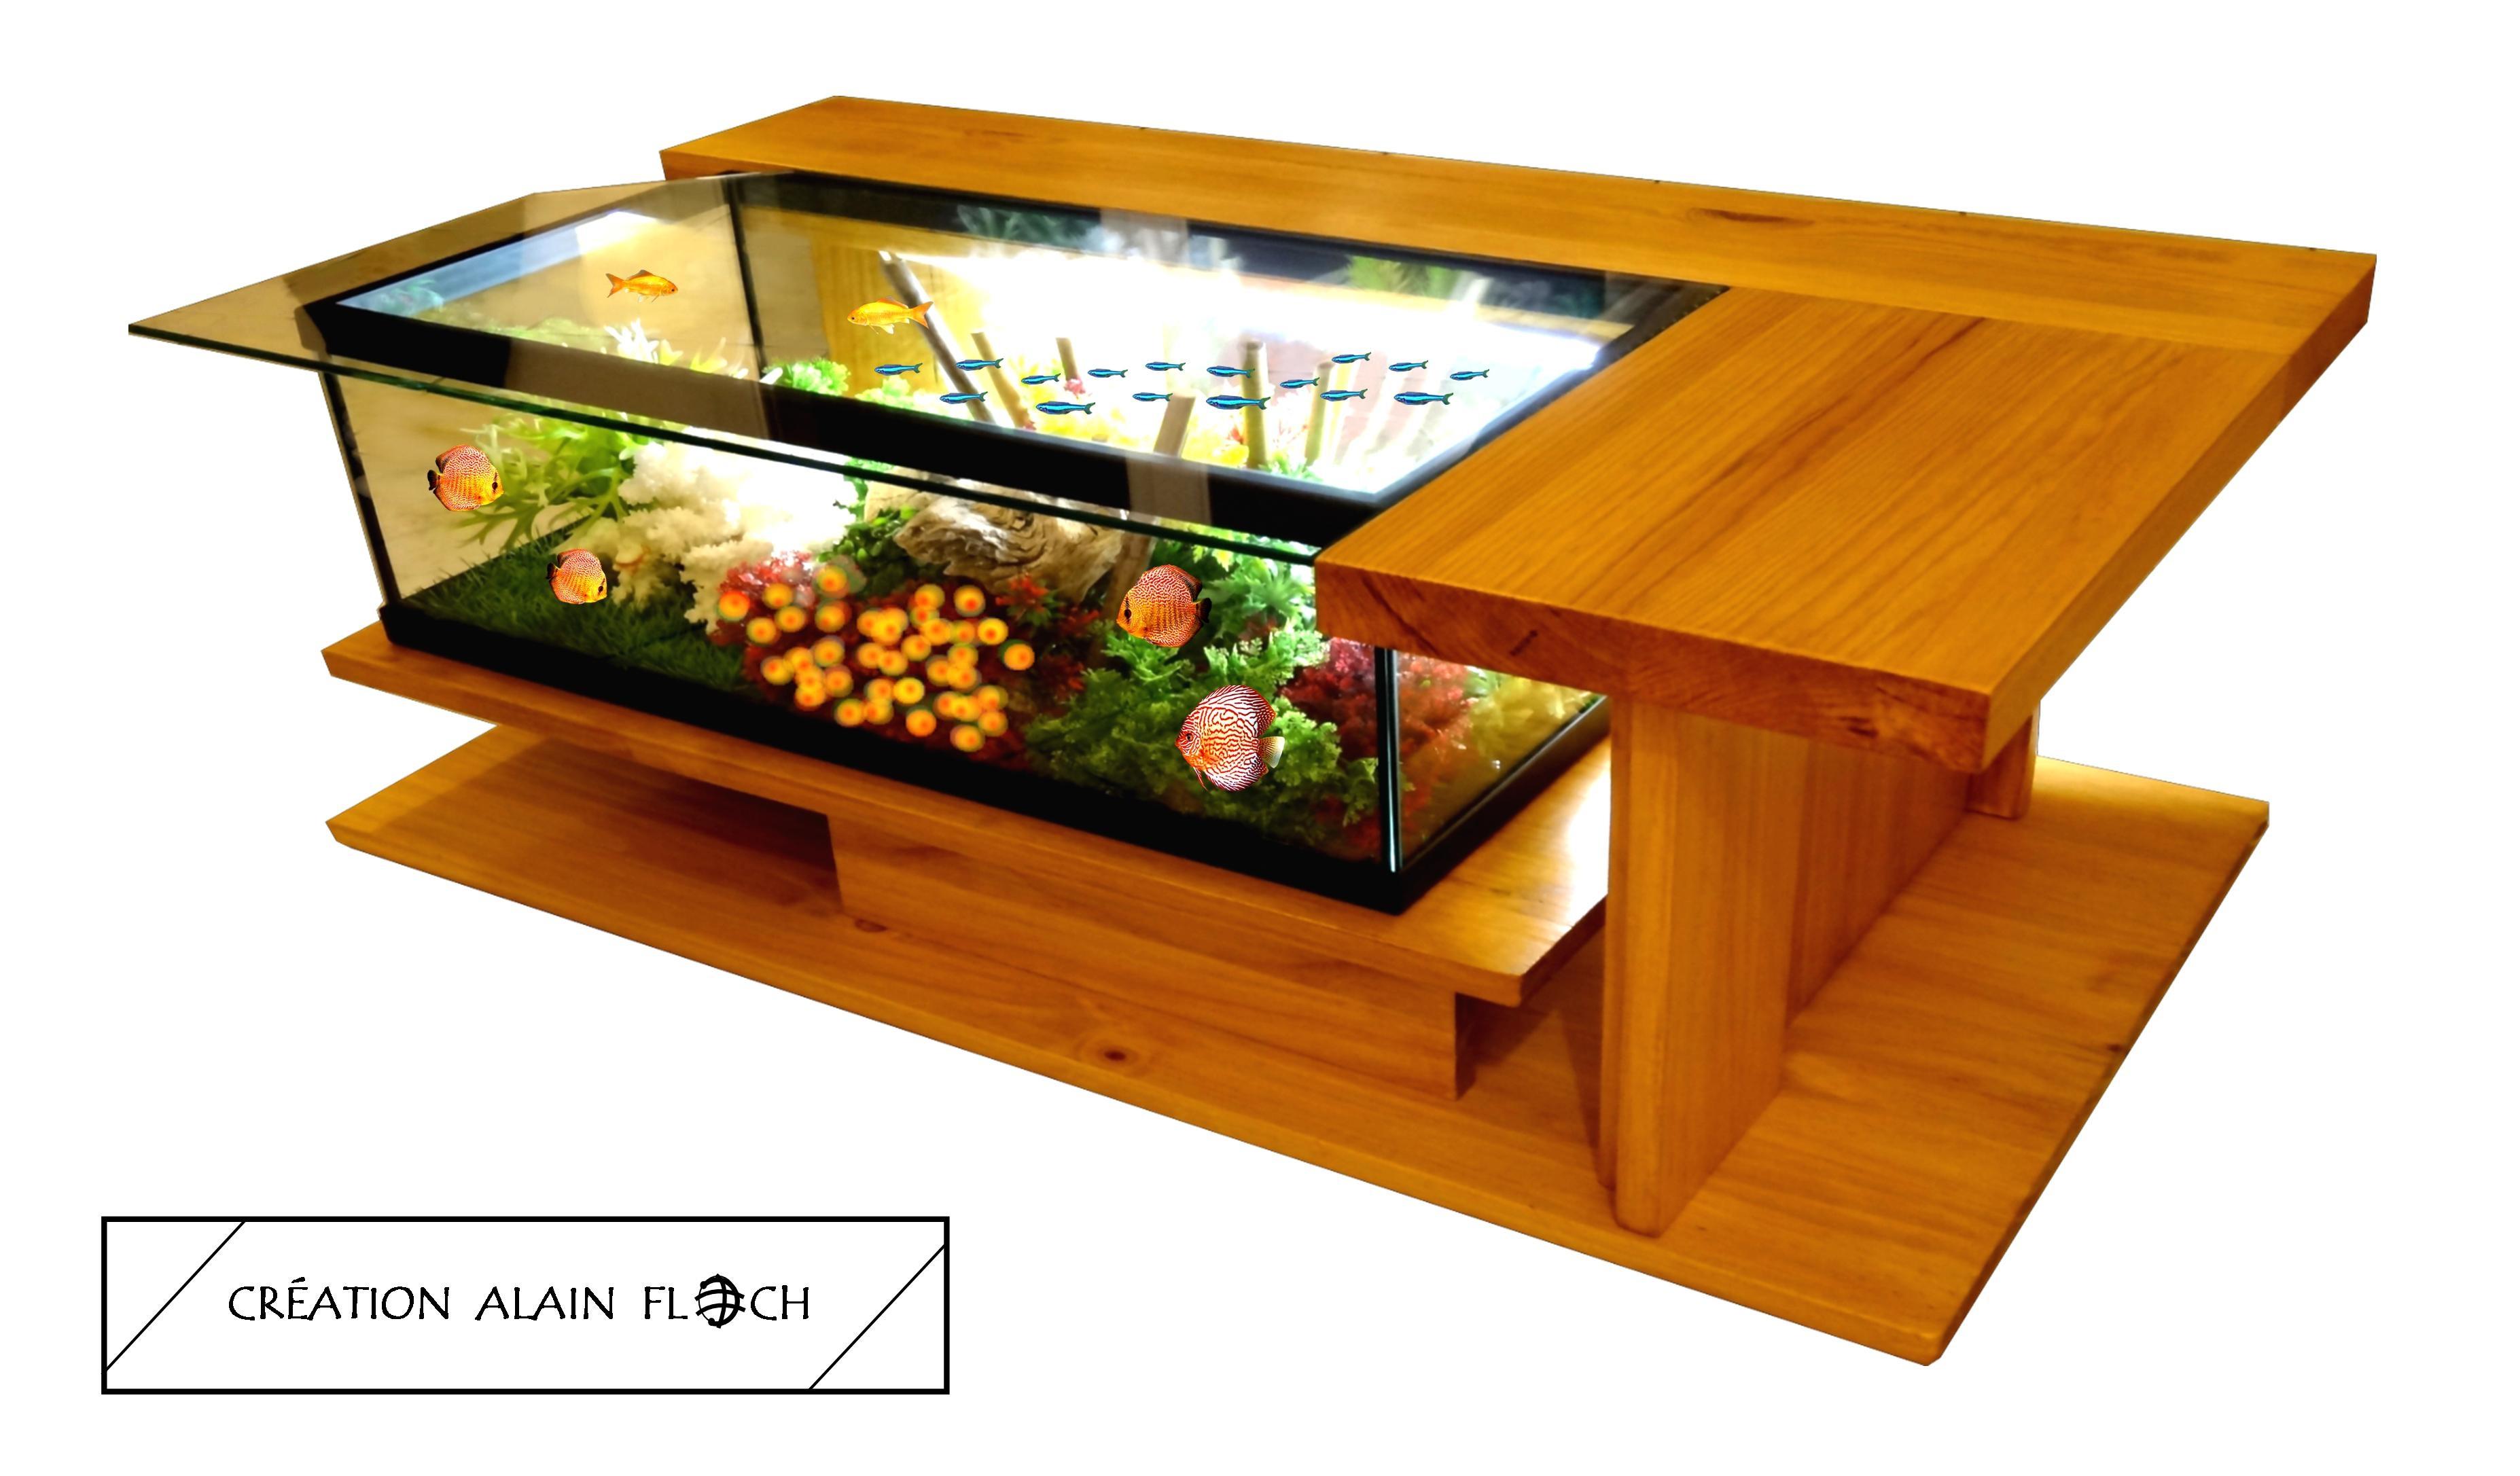 Conseil S Table Basse Aquarium Terrarium Poissons Tortues